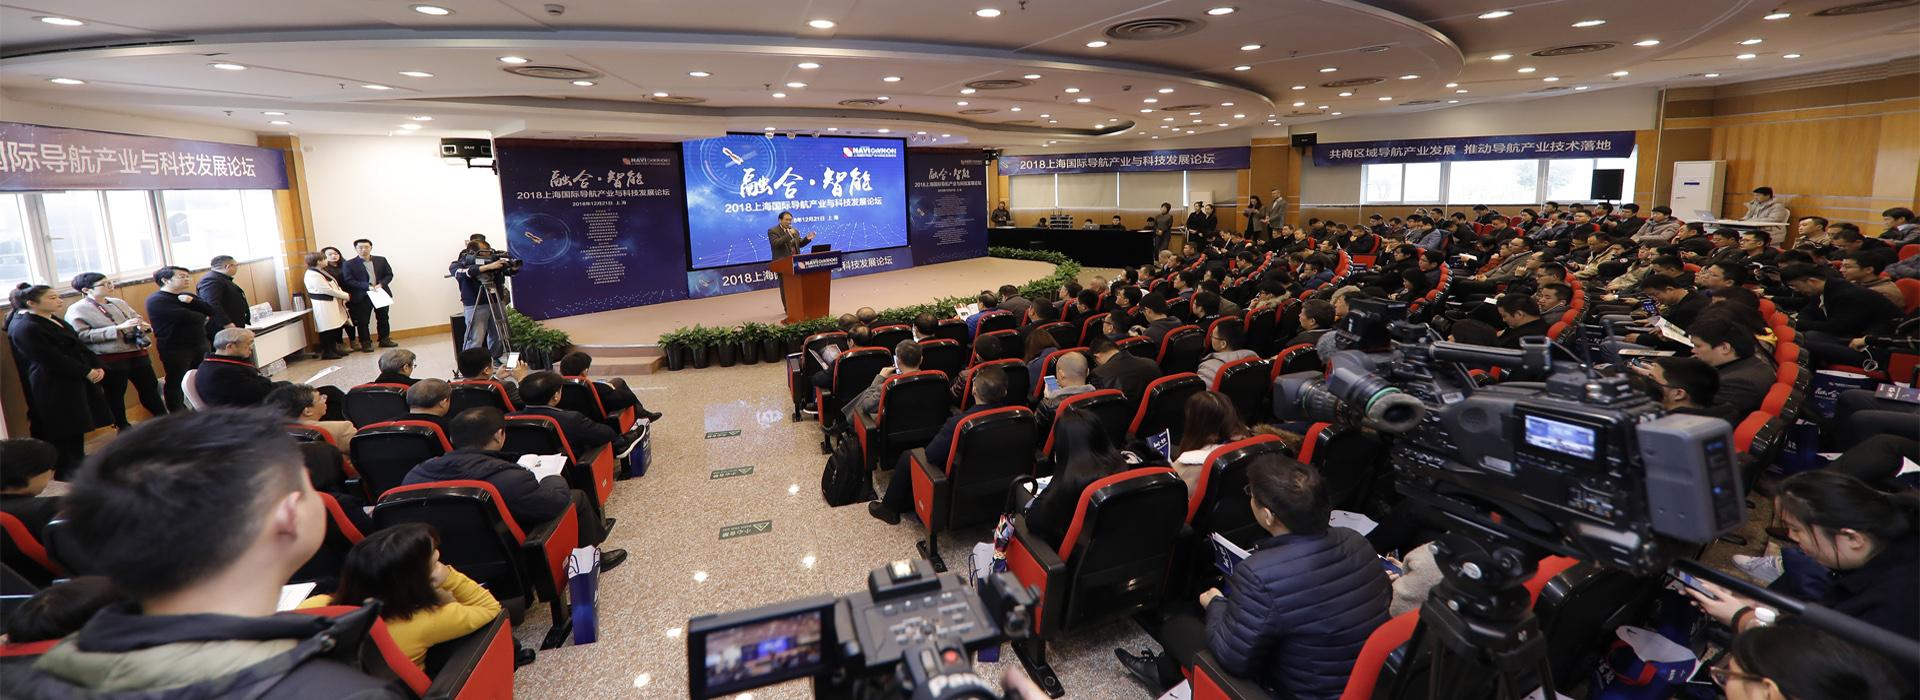 """2018年12月21日,融合·智能——上海国际导航产业与科技发展论坛""""顺利召开 。"""